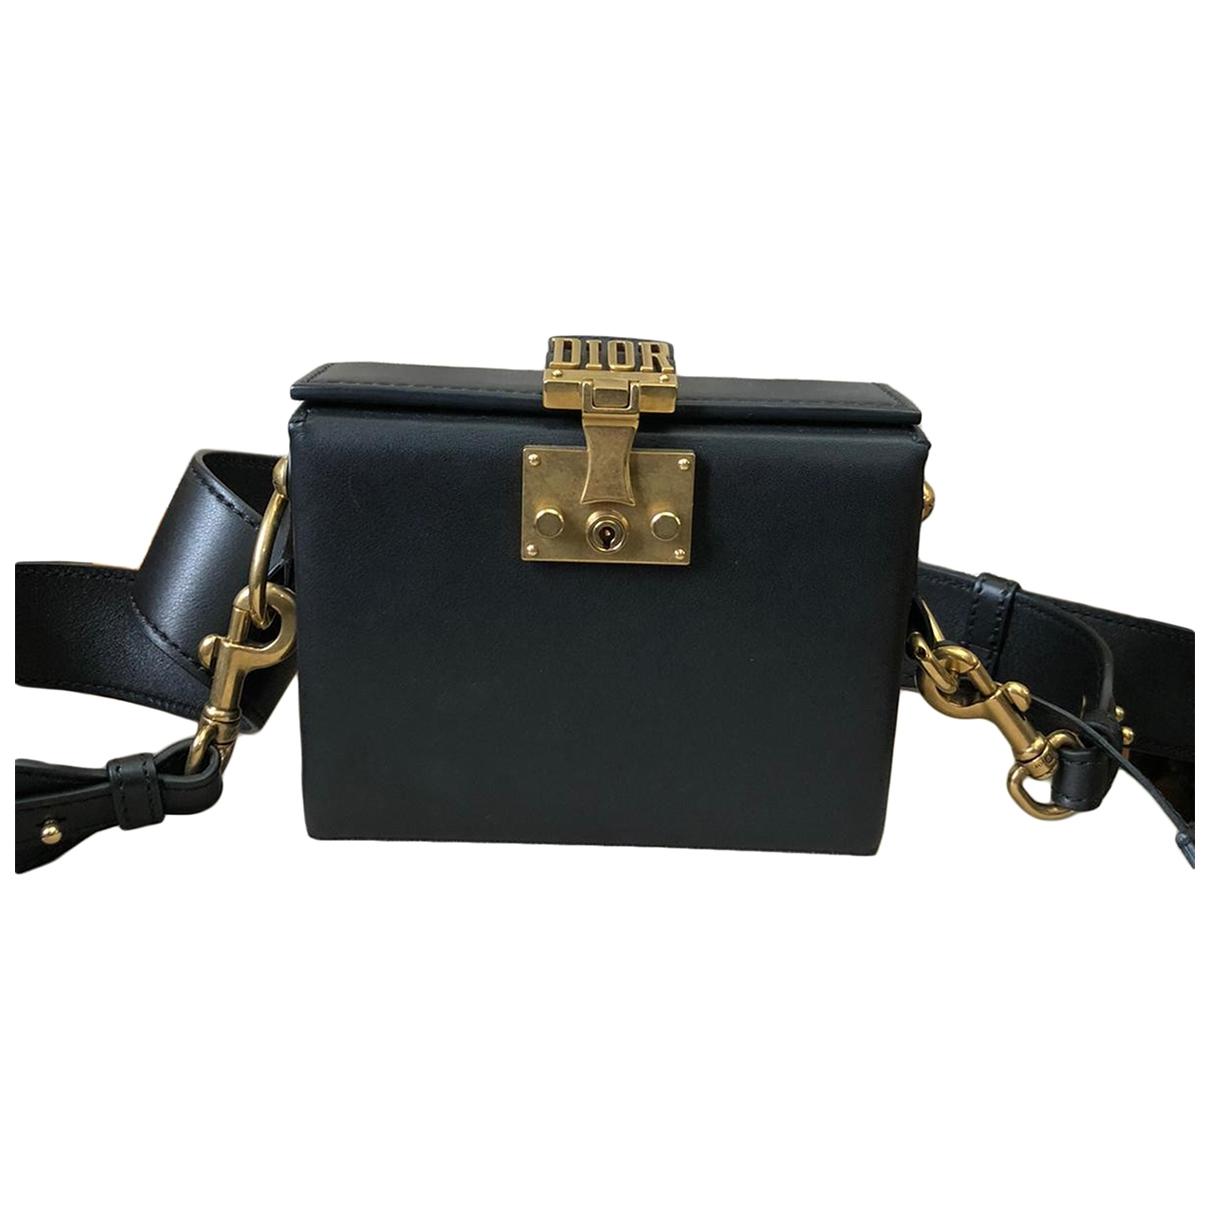 Dior - Sac a main DiorAddict pour femme en cuir - noir